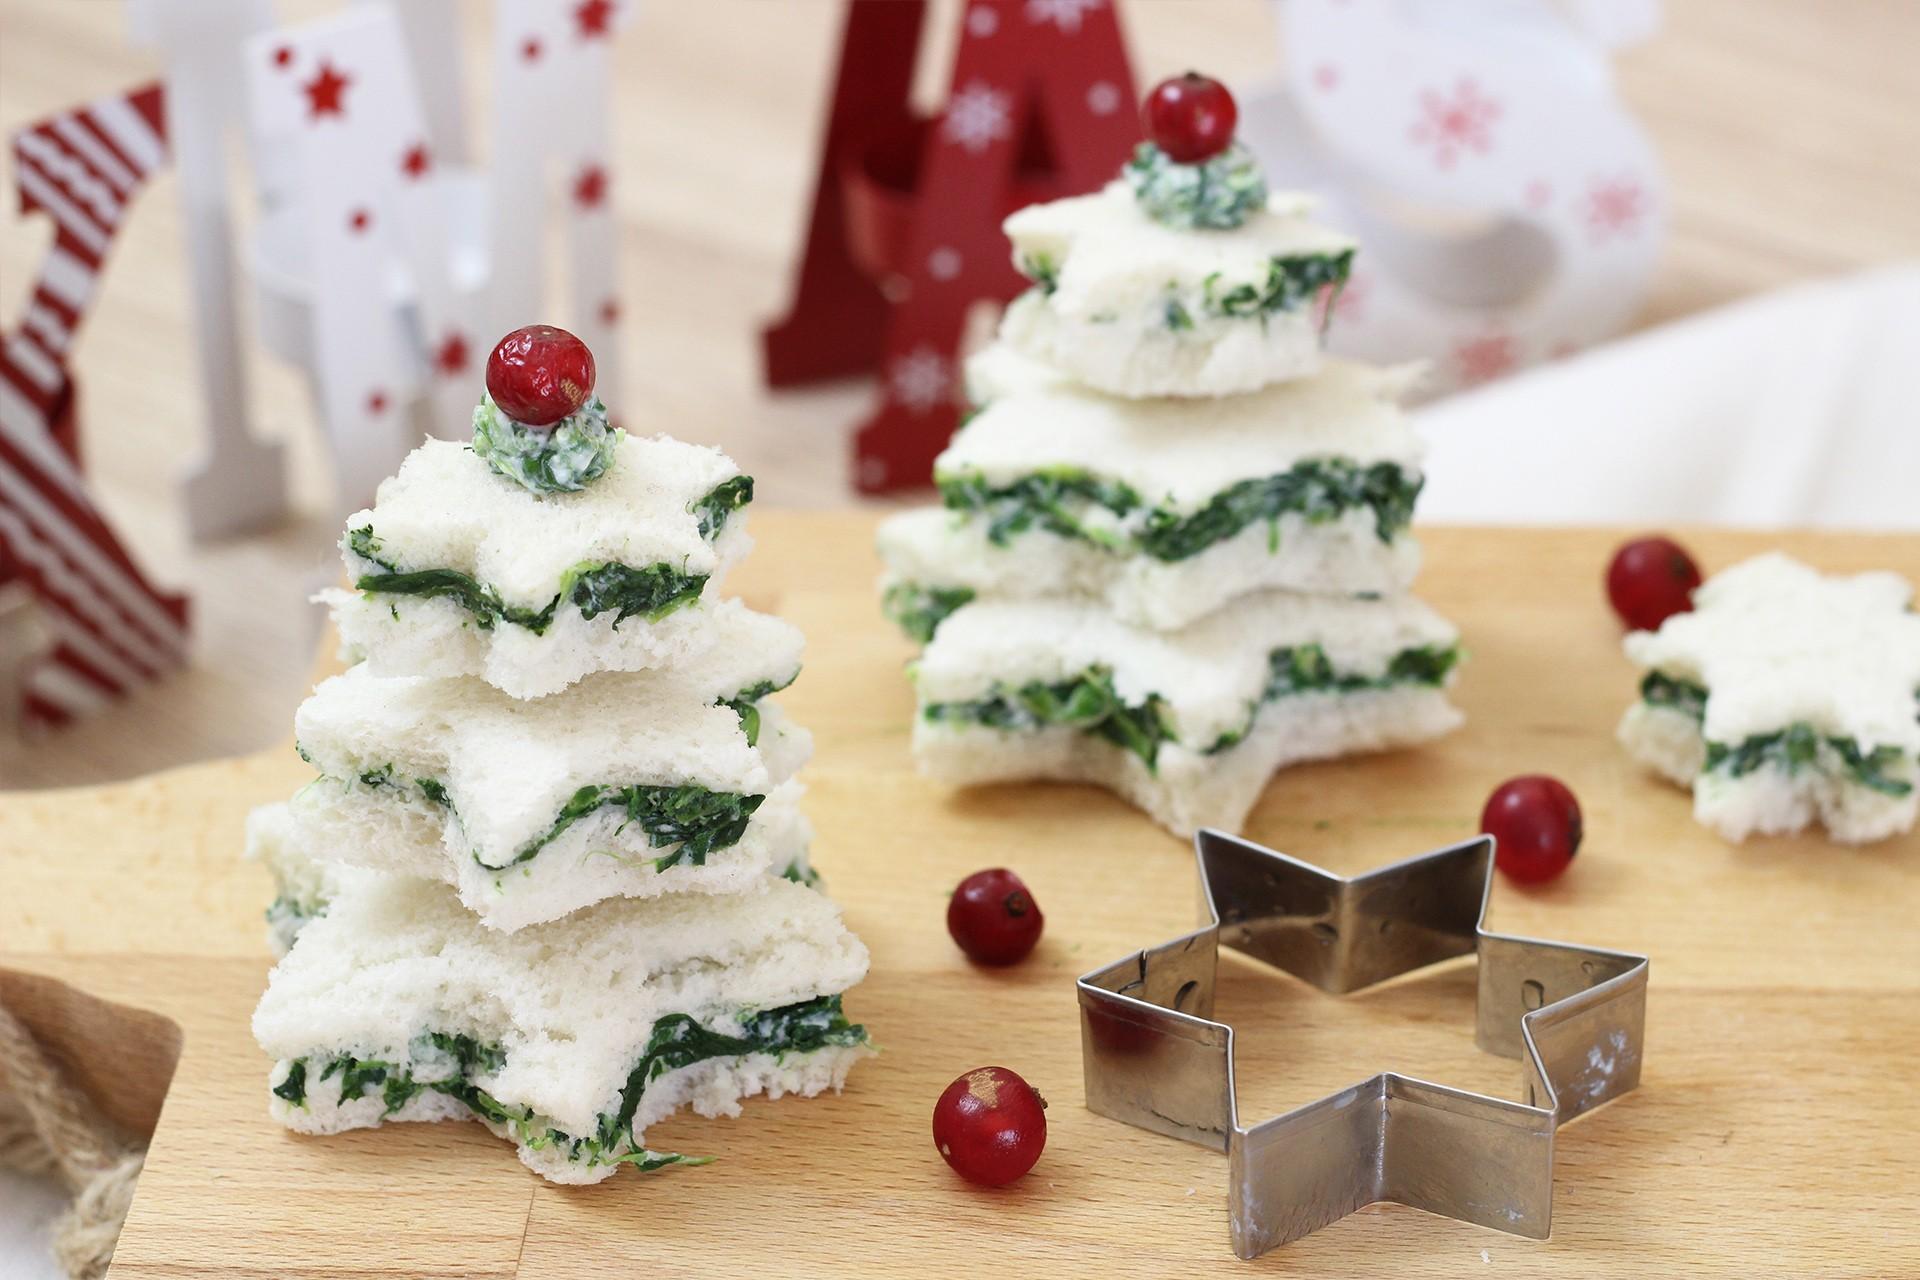 Antipasti senza cottura o con la pasta sfoglia, stuzzichini natalizi, tartine, antipasti semplici. Tartine Natalizie Per Antipasti Veloci E Semplici Agrodolce